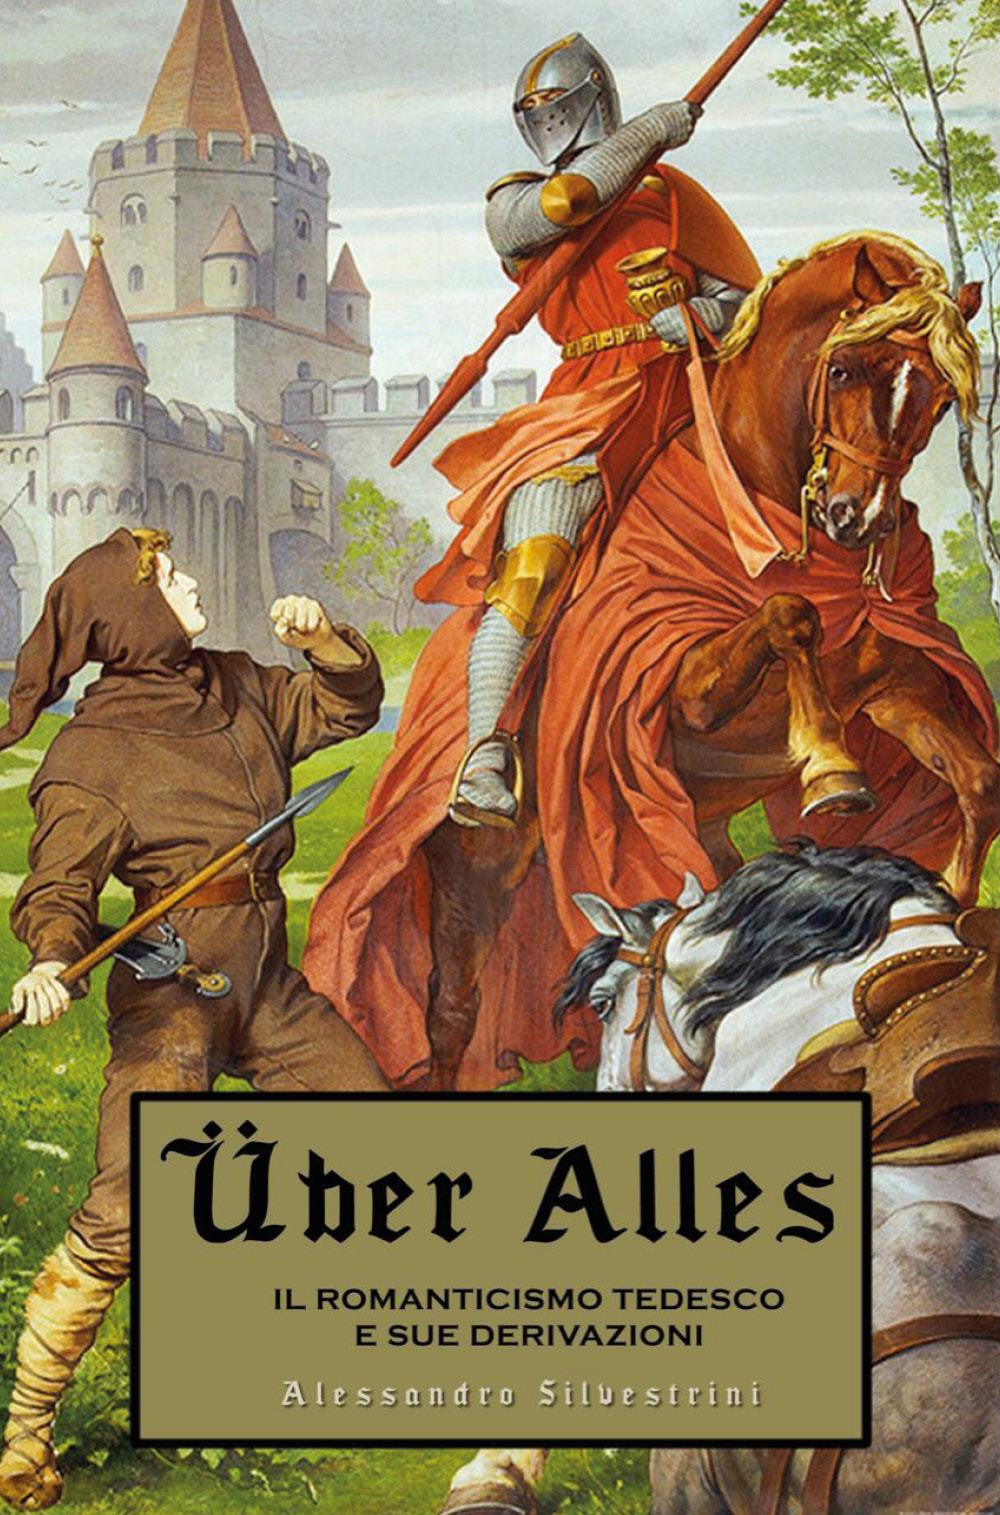 UBER ALLES - Il Romanticismo tedesco e sue derivazioni